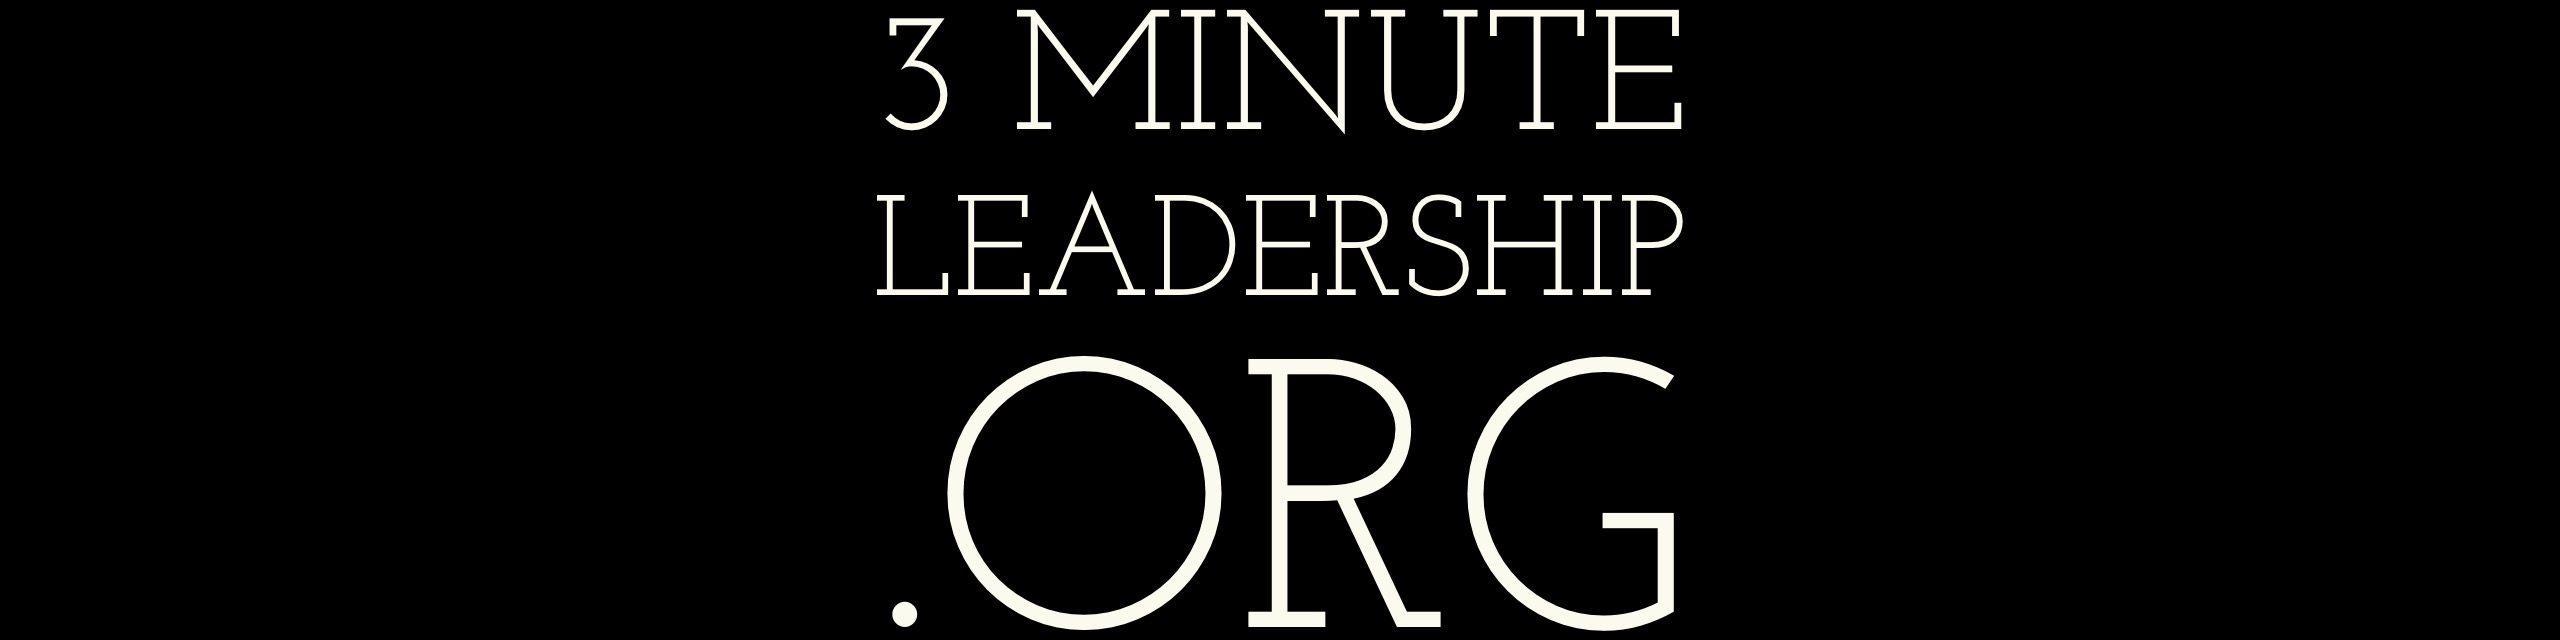 3minuteleadership.org